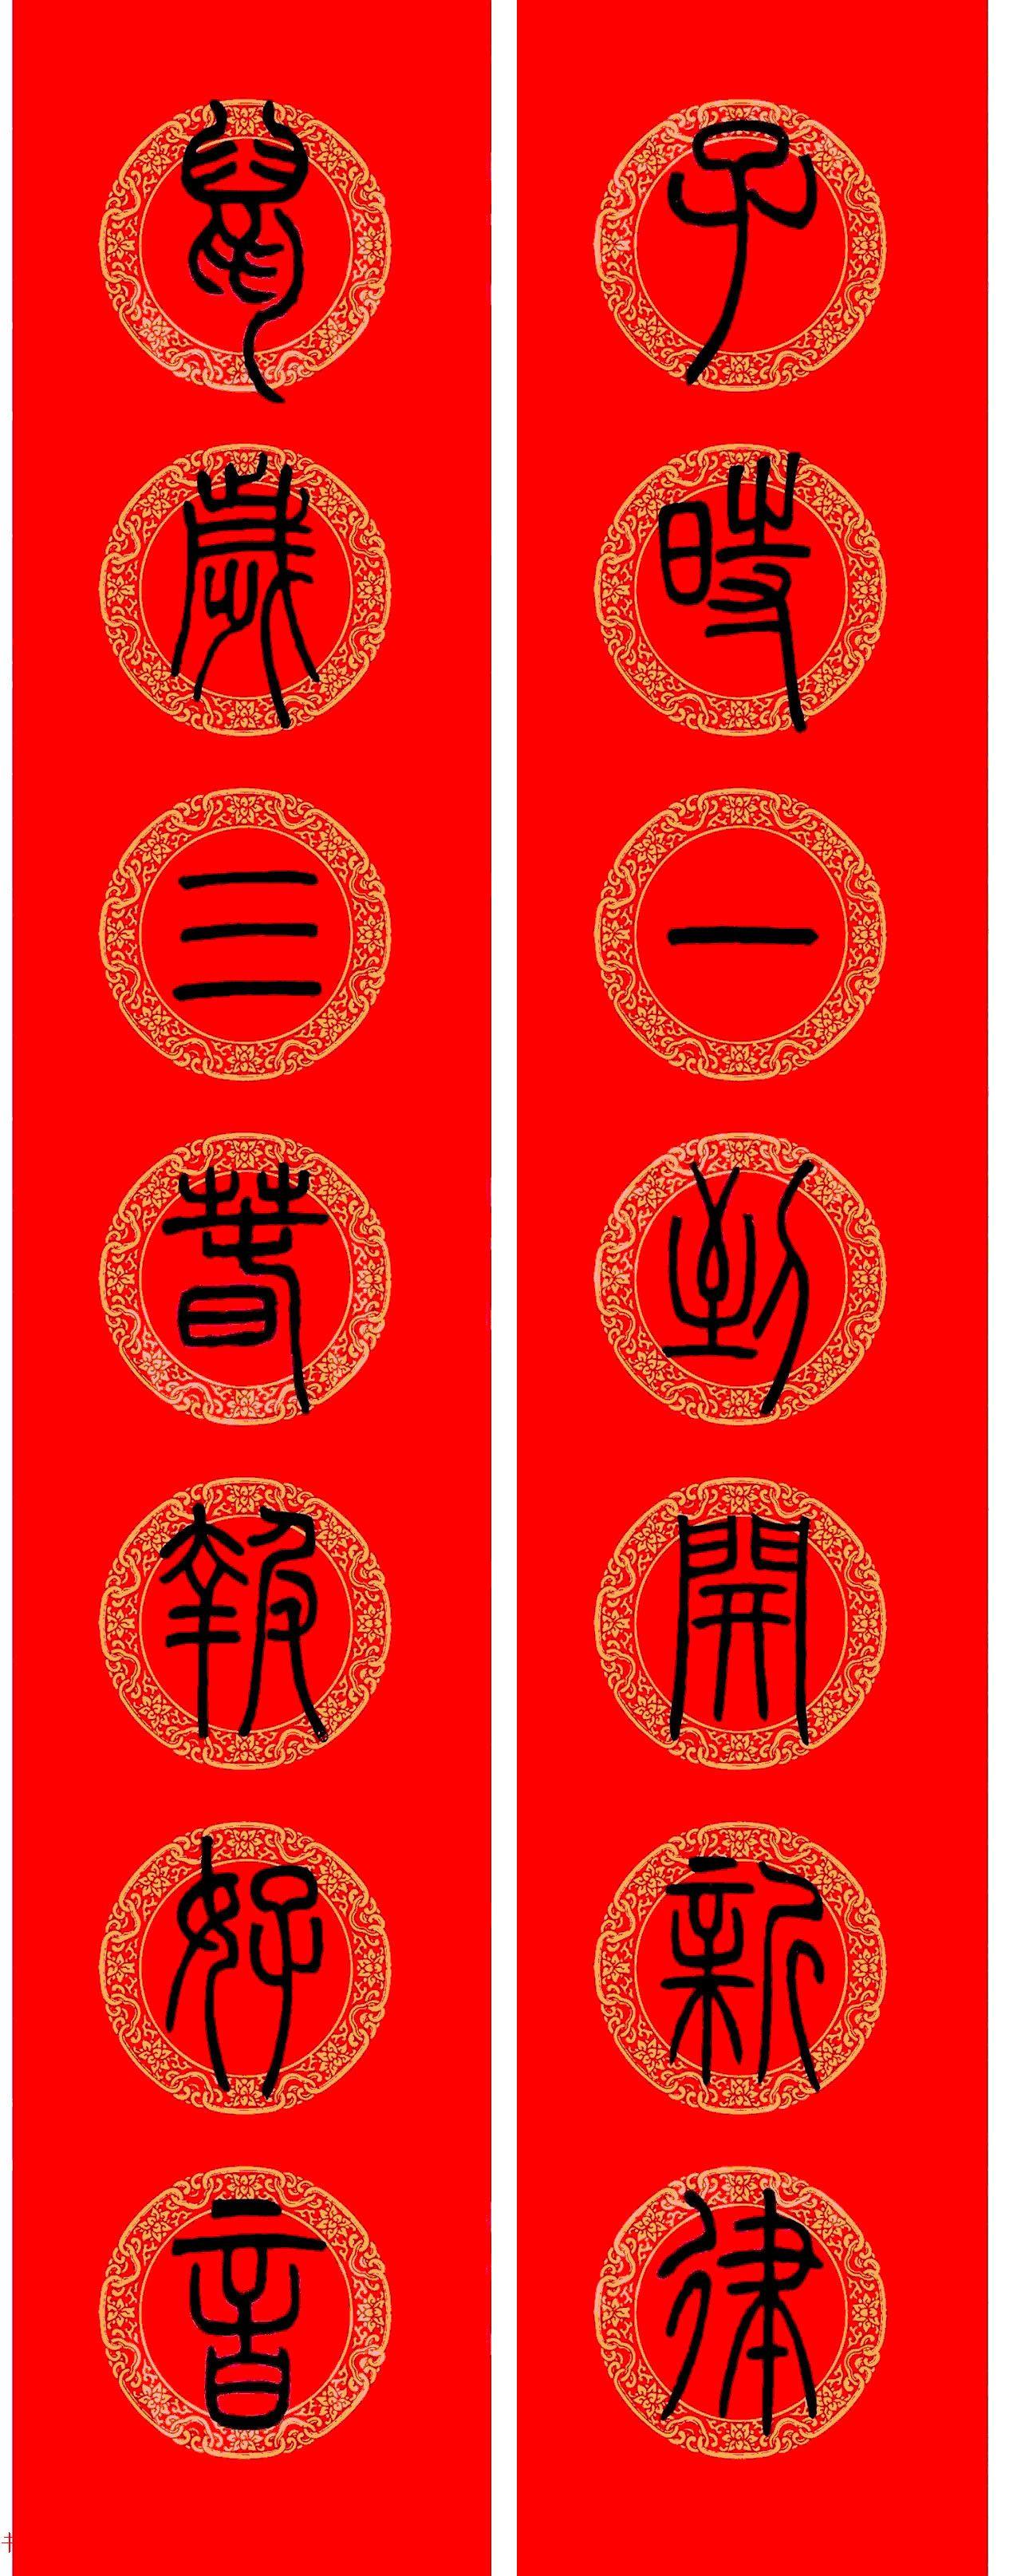 鼠年春联:邓石如篆书集字春联9副